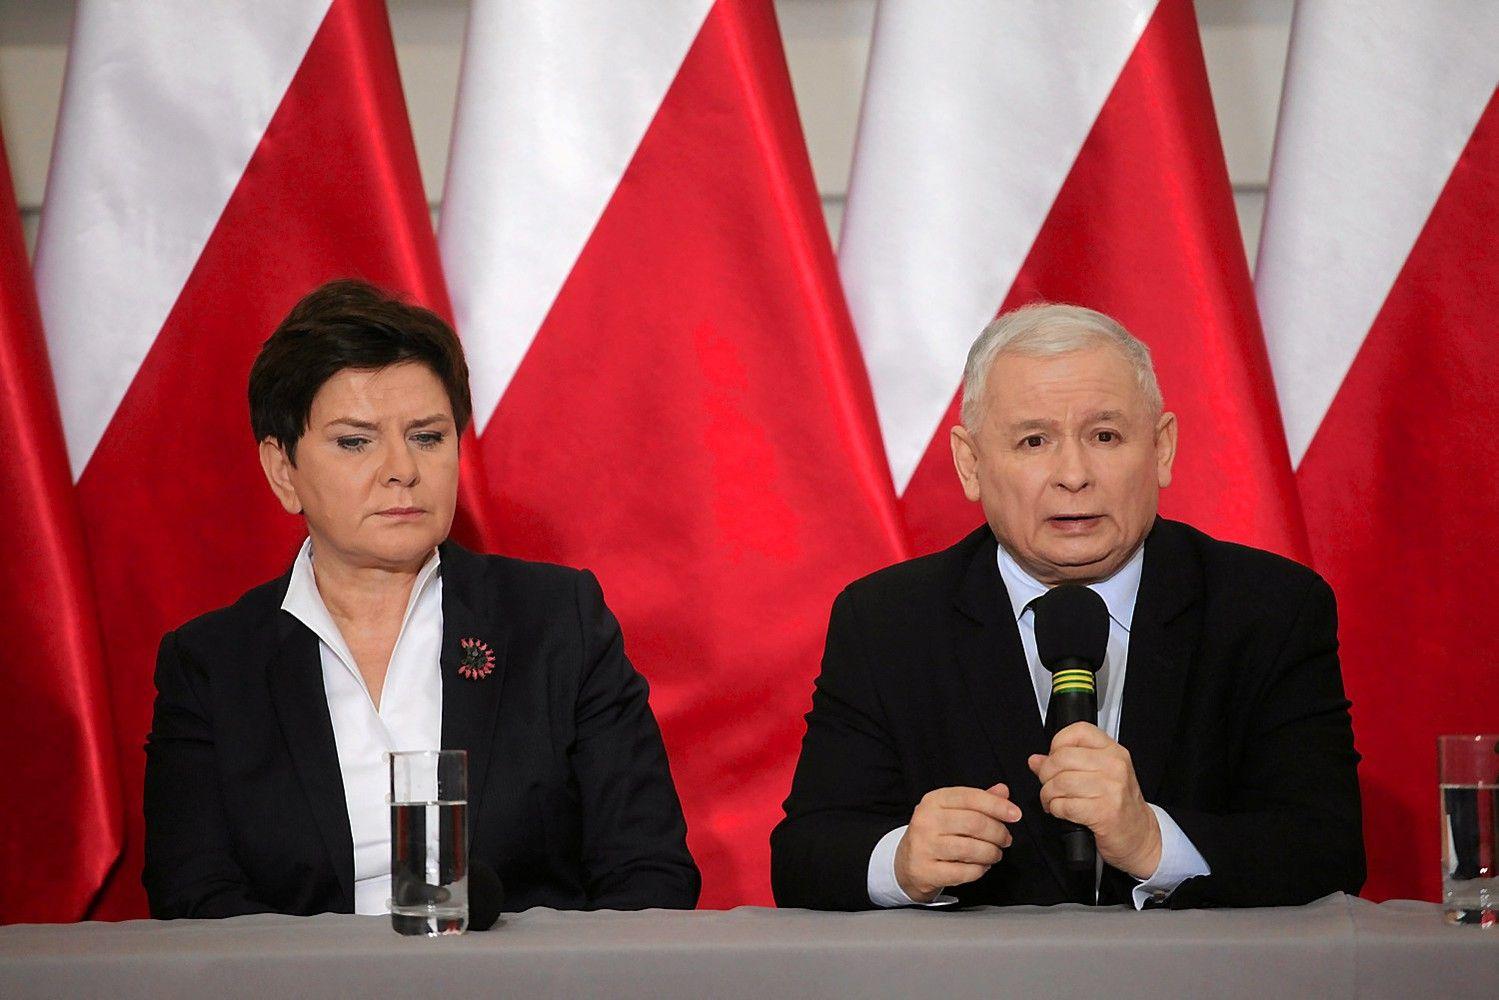 ES didina spaudimą Varšuvai